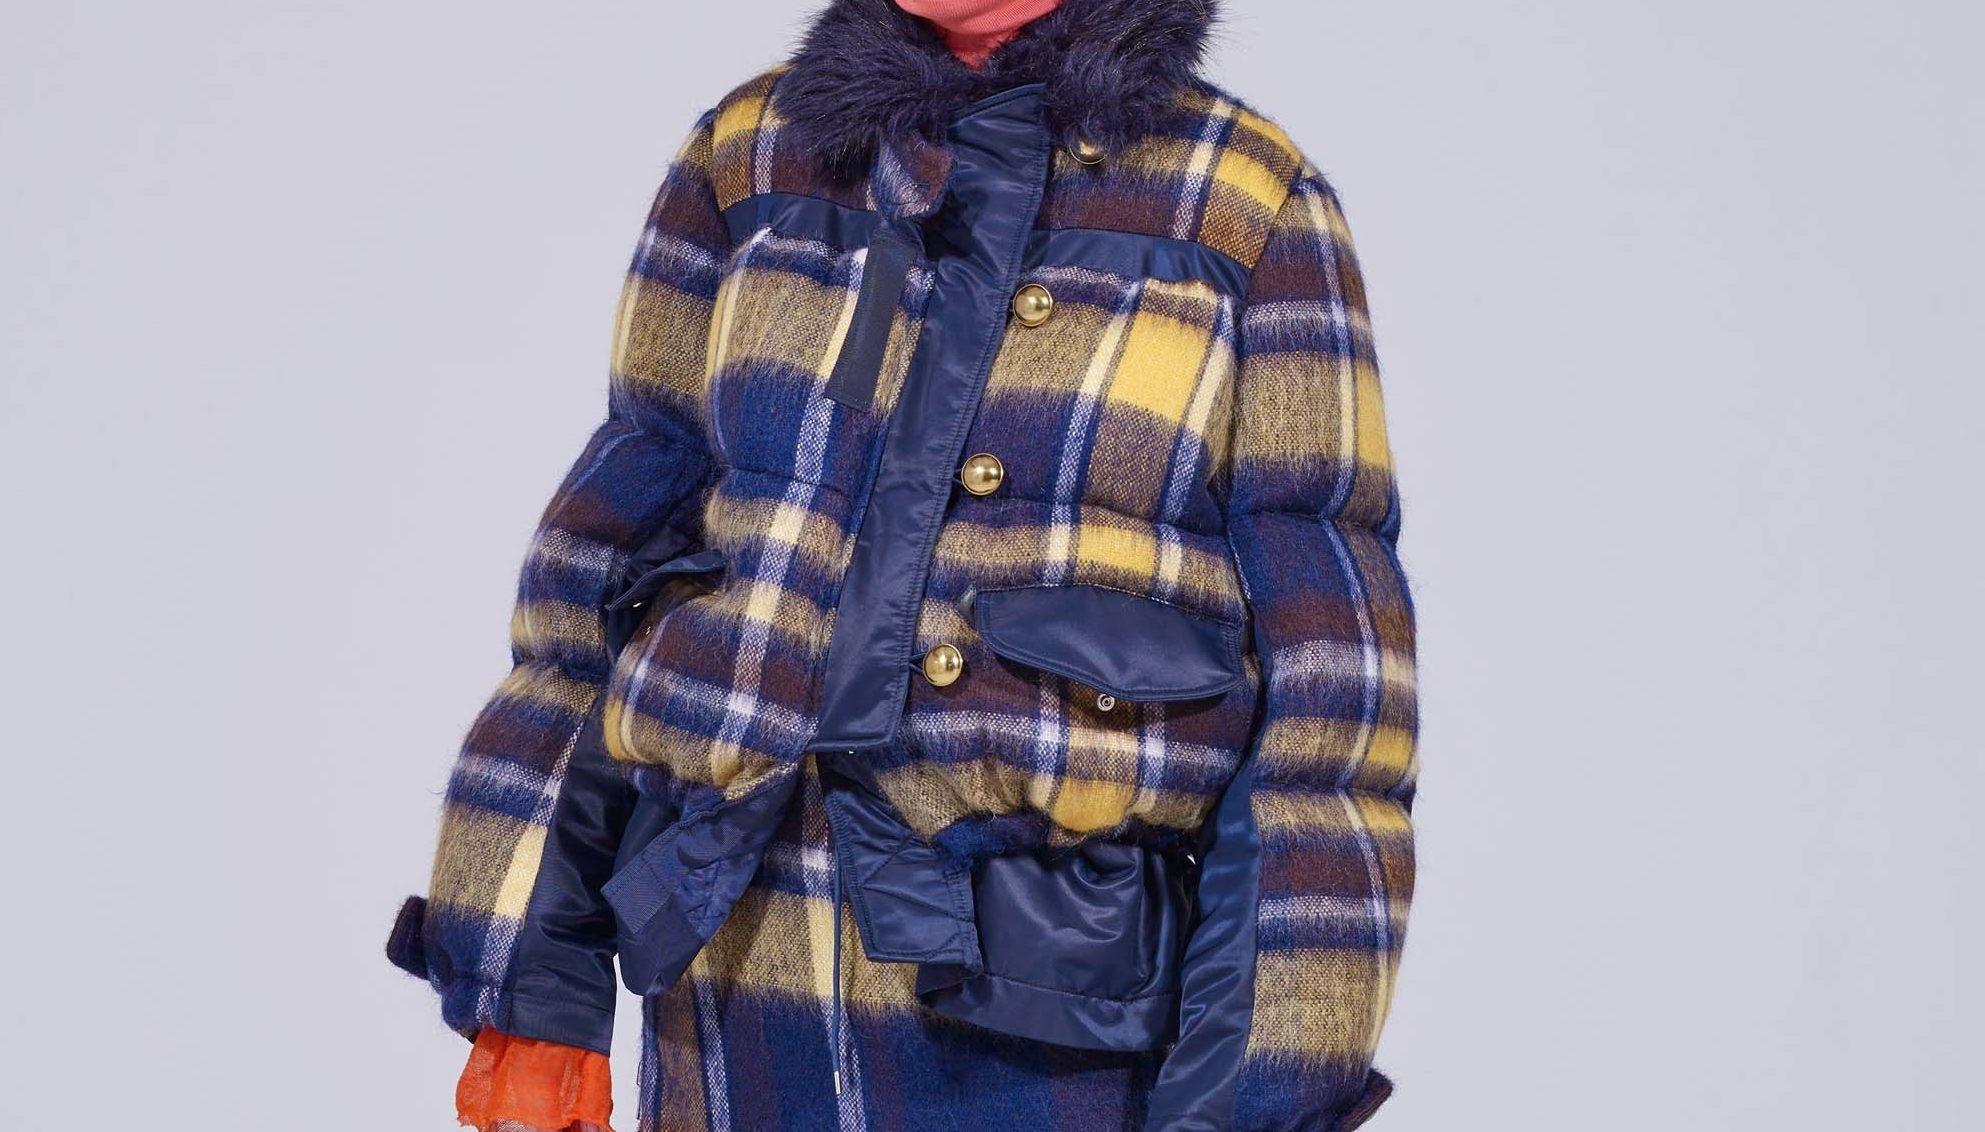 Orelsan-discipline-sacai-veste-plaid-carreaux-bleu